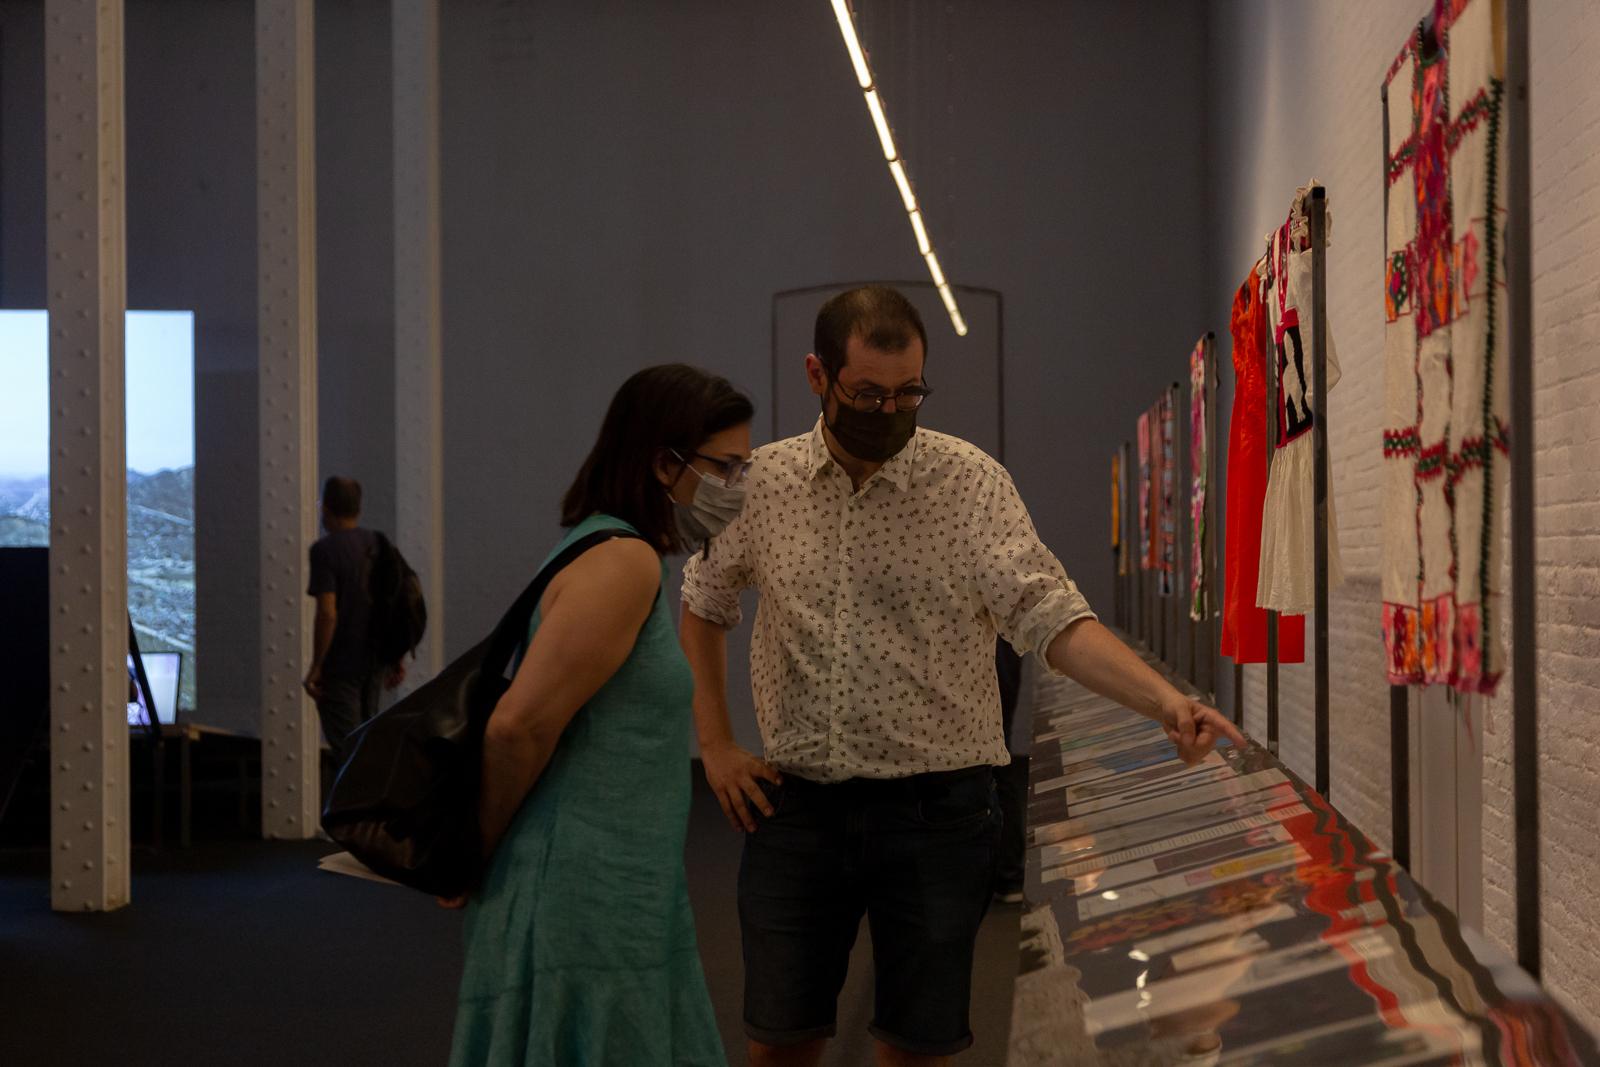 Seminario 'Cohabitar la bellesa' en Fabra i Coats: Centre d'Art Contemporani de Barcelona